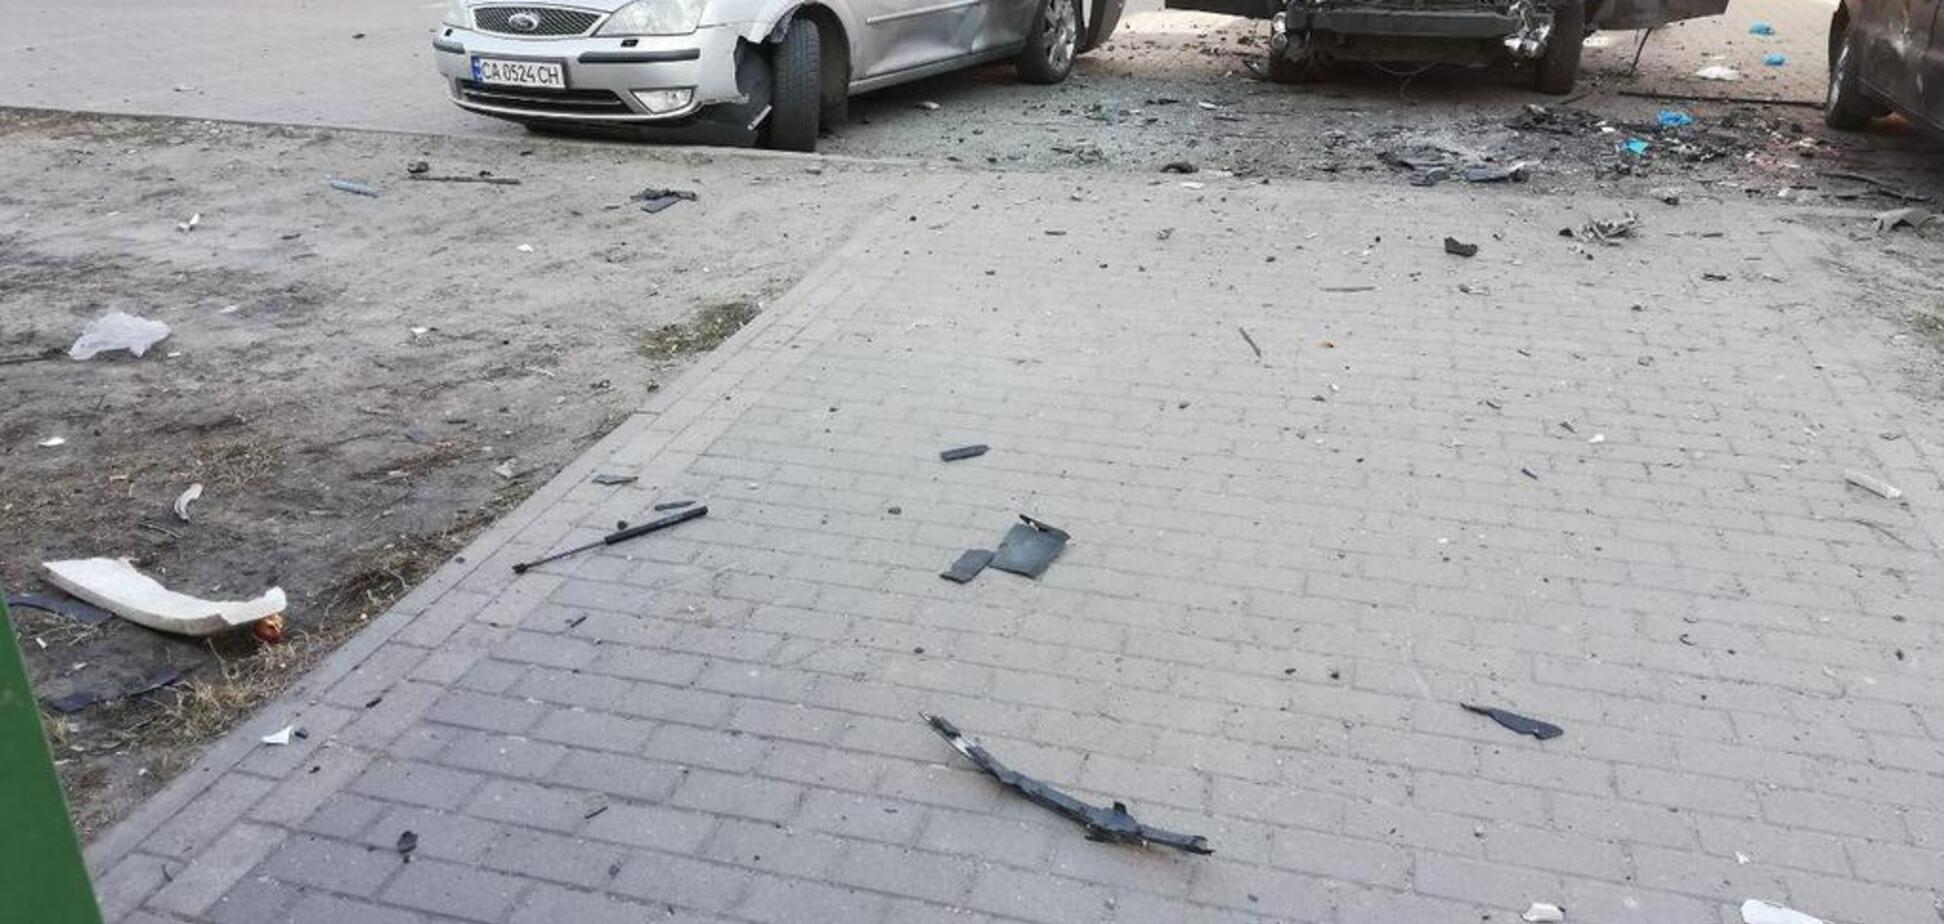 Взрыв авто разведчика в Киеве: ГПУ сообщила о теракте